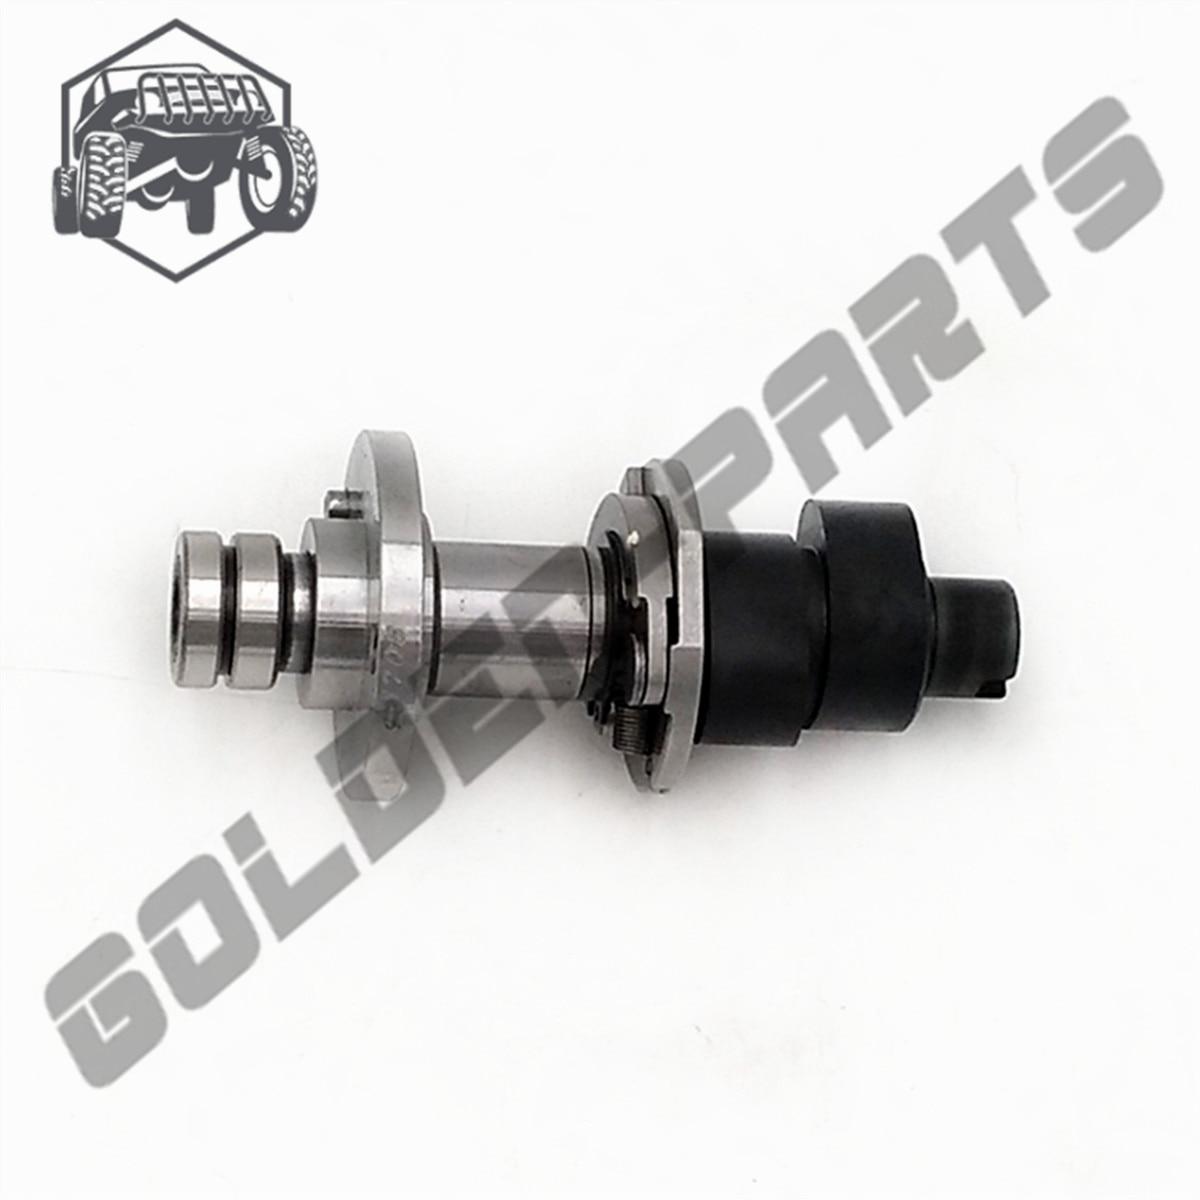 Распределительный вал Assy для CF500 188 ATV 0180-024100 ATV UTV Quad Engine, Запасная часть